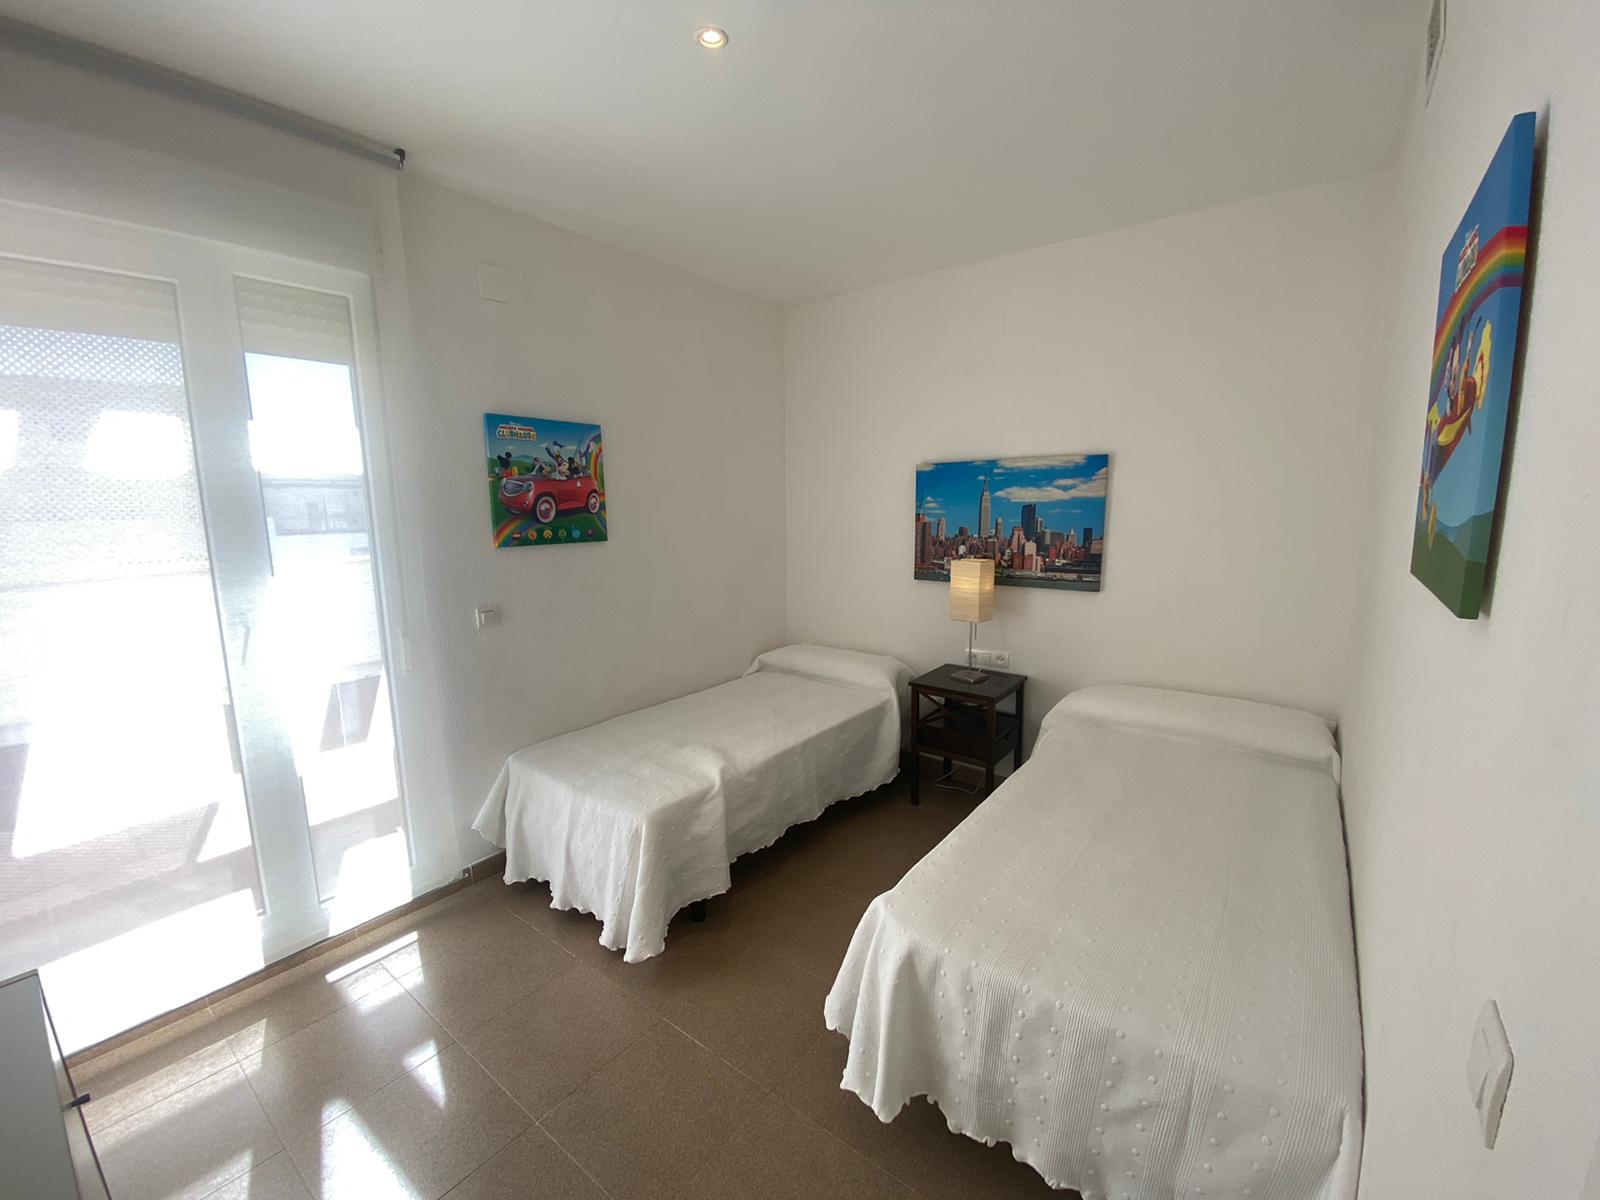 Imagen 36 del Apartamento Turístico, Ático 3 Levante, Frontal (4d+2b), Punta del Moral (HUELVA), Paseo de la Cruz nº22